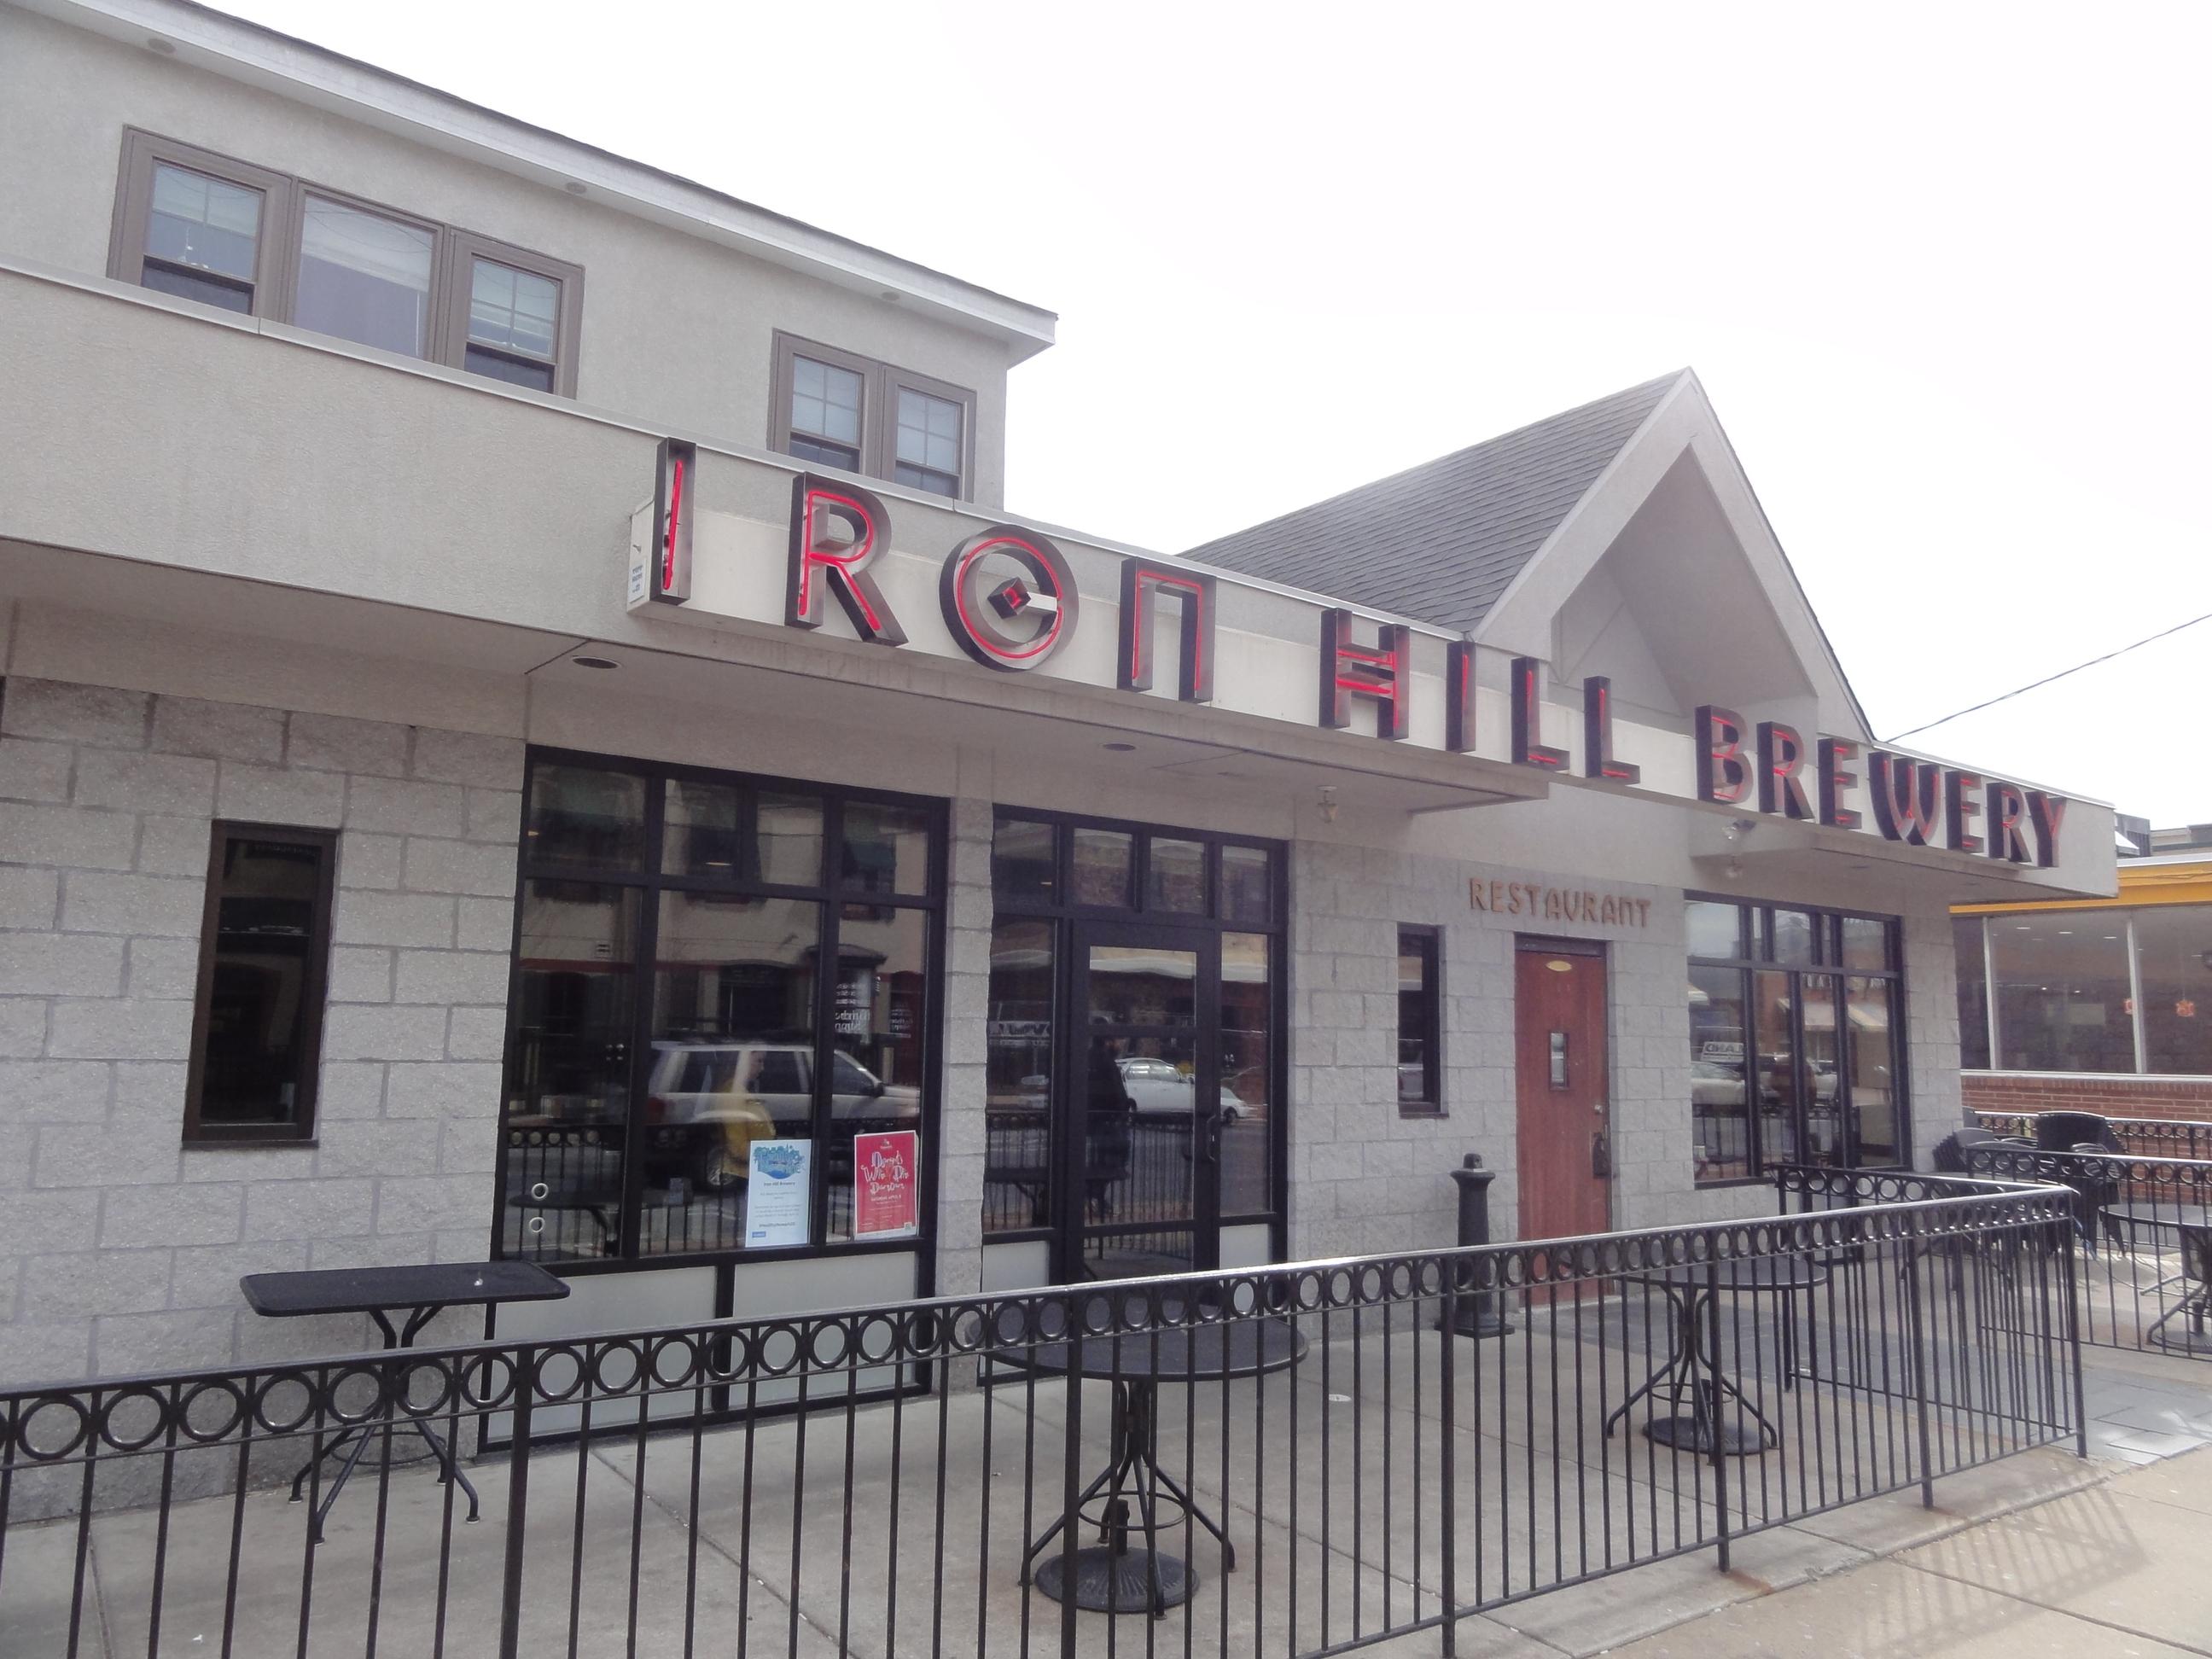 Iron Hill Brewery Restaurant Newark De